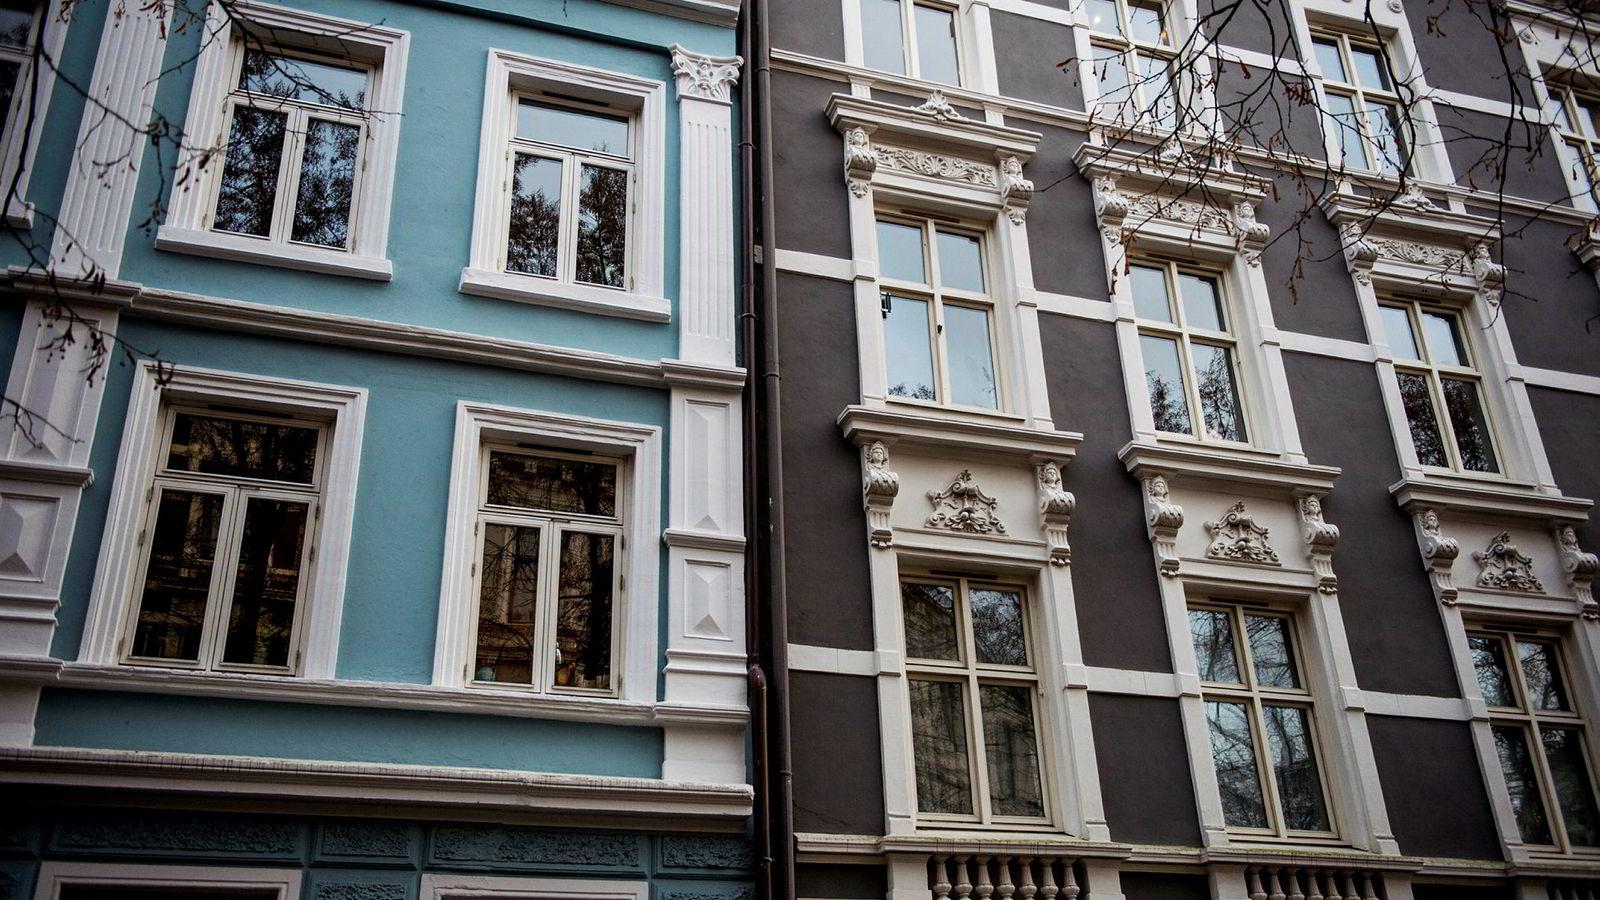 De fem siste årene har prisene på bolig i hovedstaden steget med 43,3 prosent, ifølge tall for Eiendom Norge. Illustrasjonsbilde.